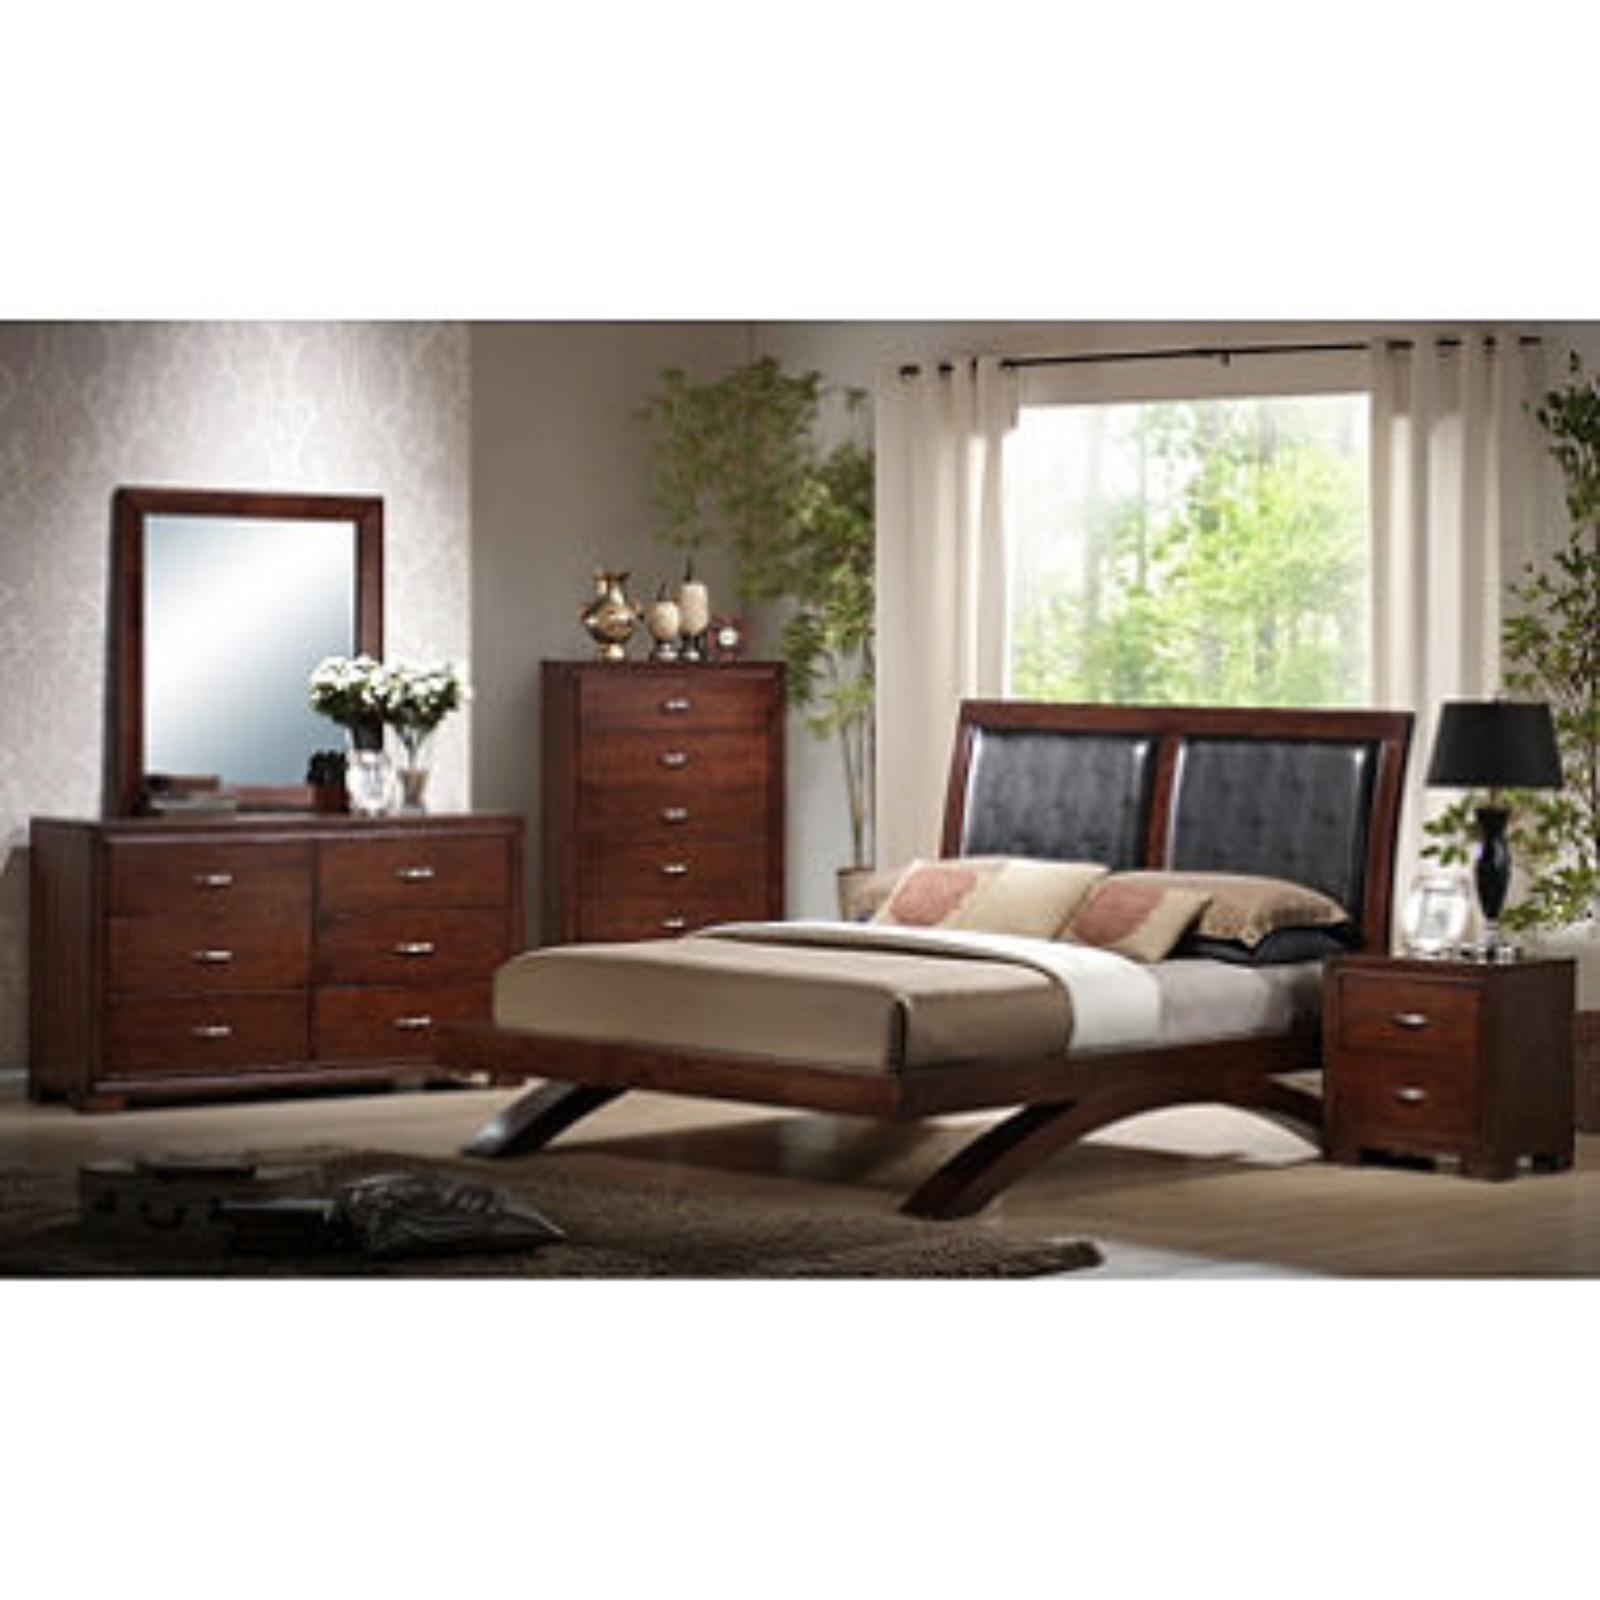 Zoe bedroom 6 pc set queen bedroom furniture new bed for 6 bedroom